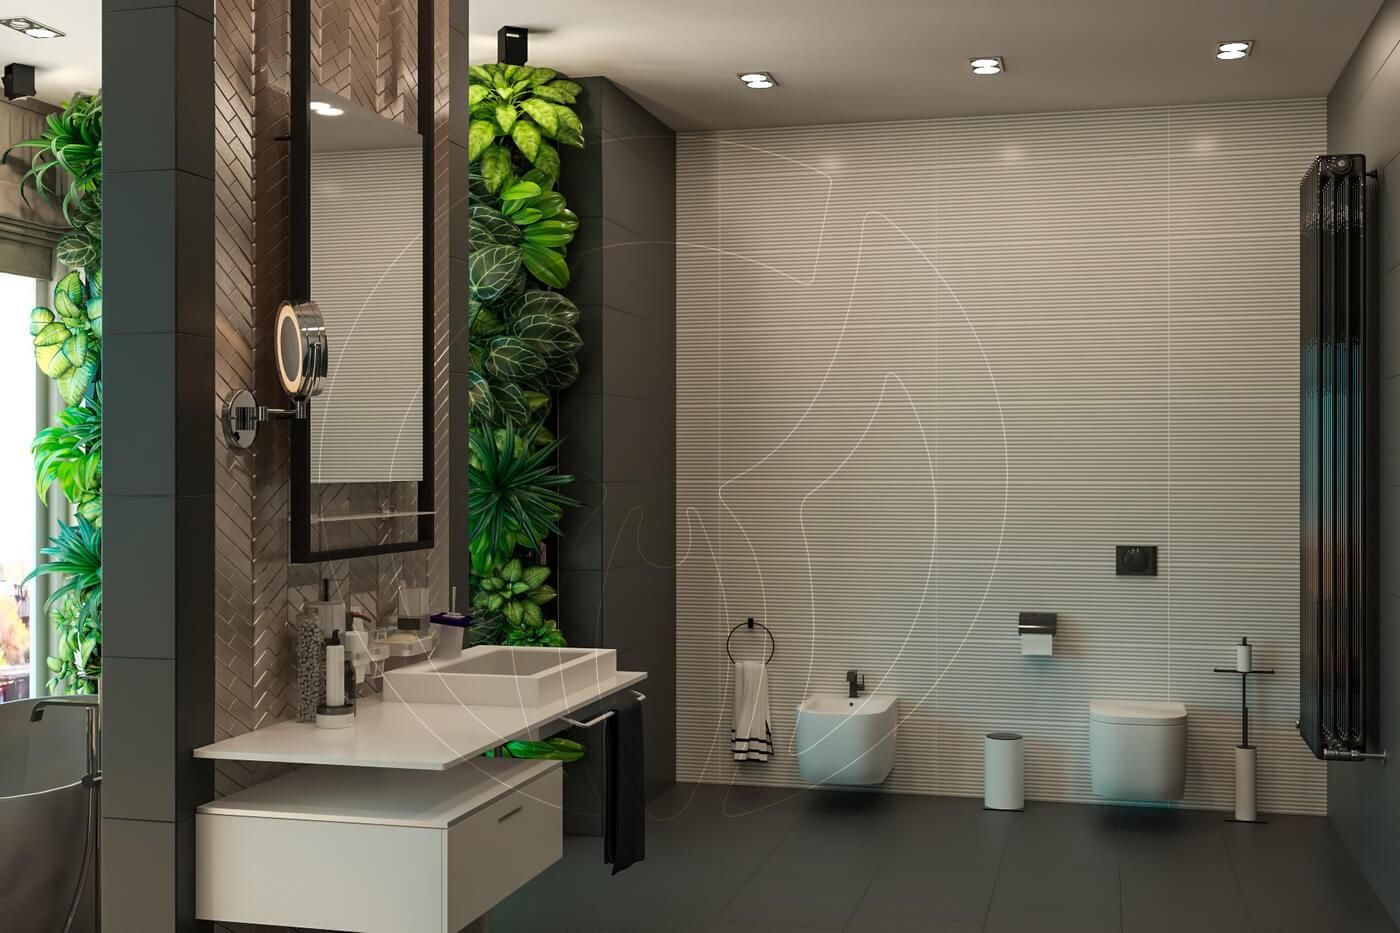 Загородный дом в современном стиле. Ванная комната. Унитаз и биде